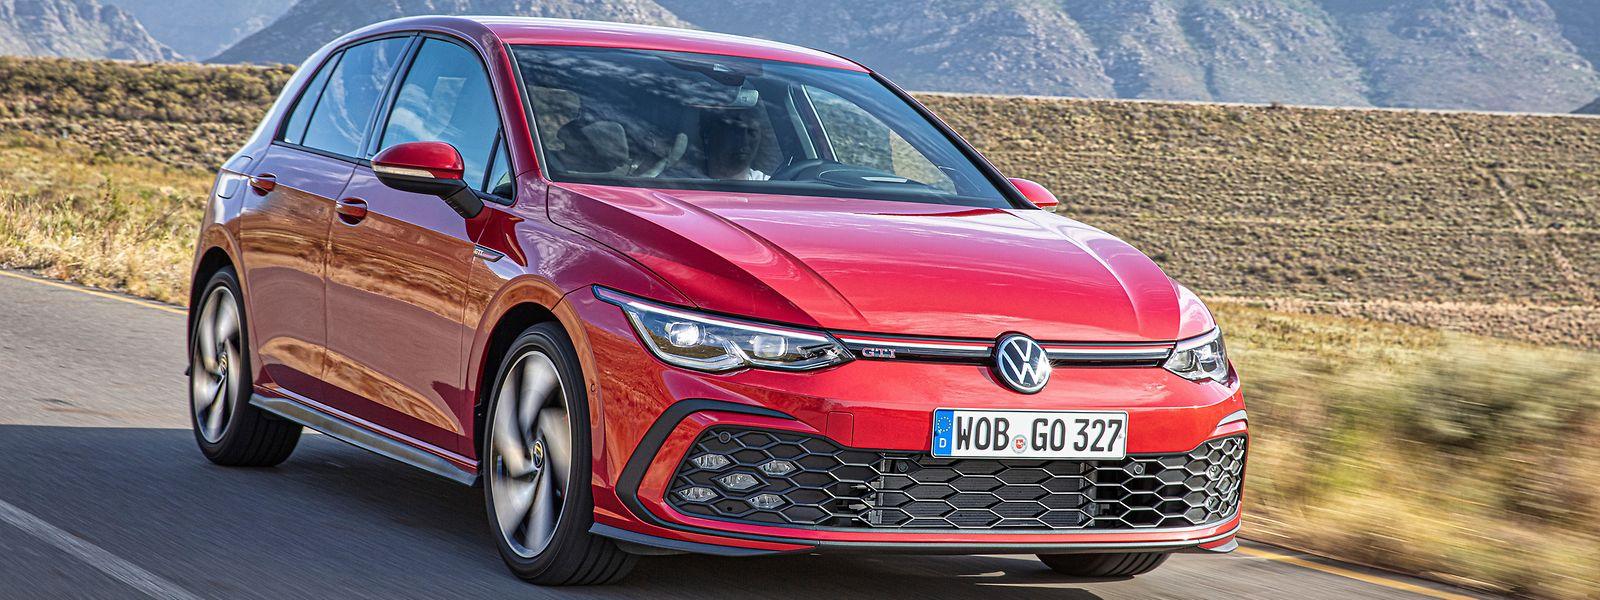 Durch das Festhalten an der Tradition, ohne sich aber der digitalen Welt zu verschließen, will VW dem Golf GTI seinen Kultstatus bewahren.